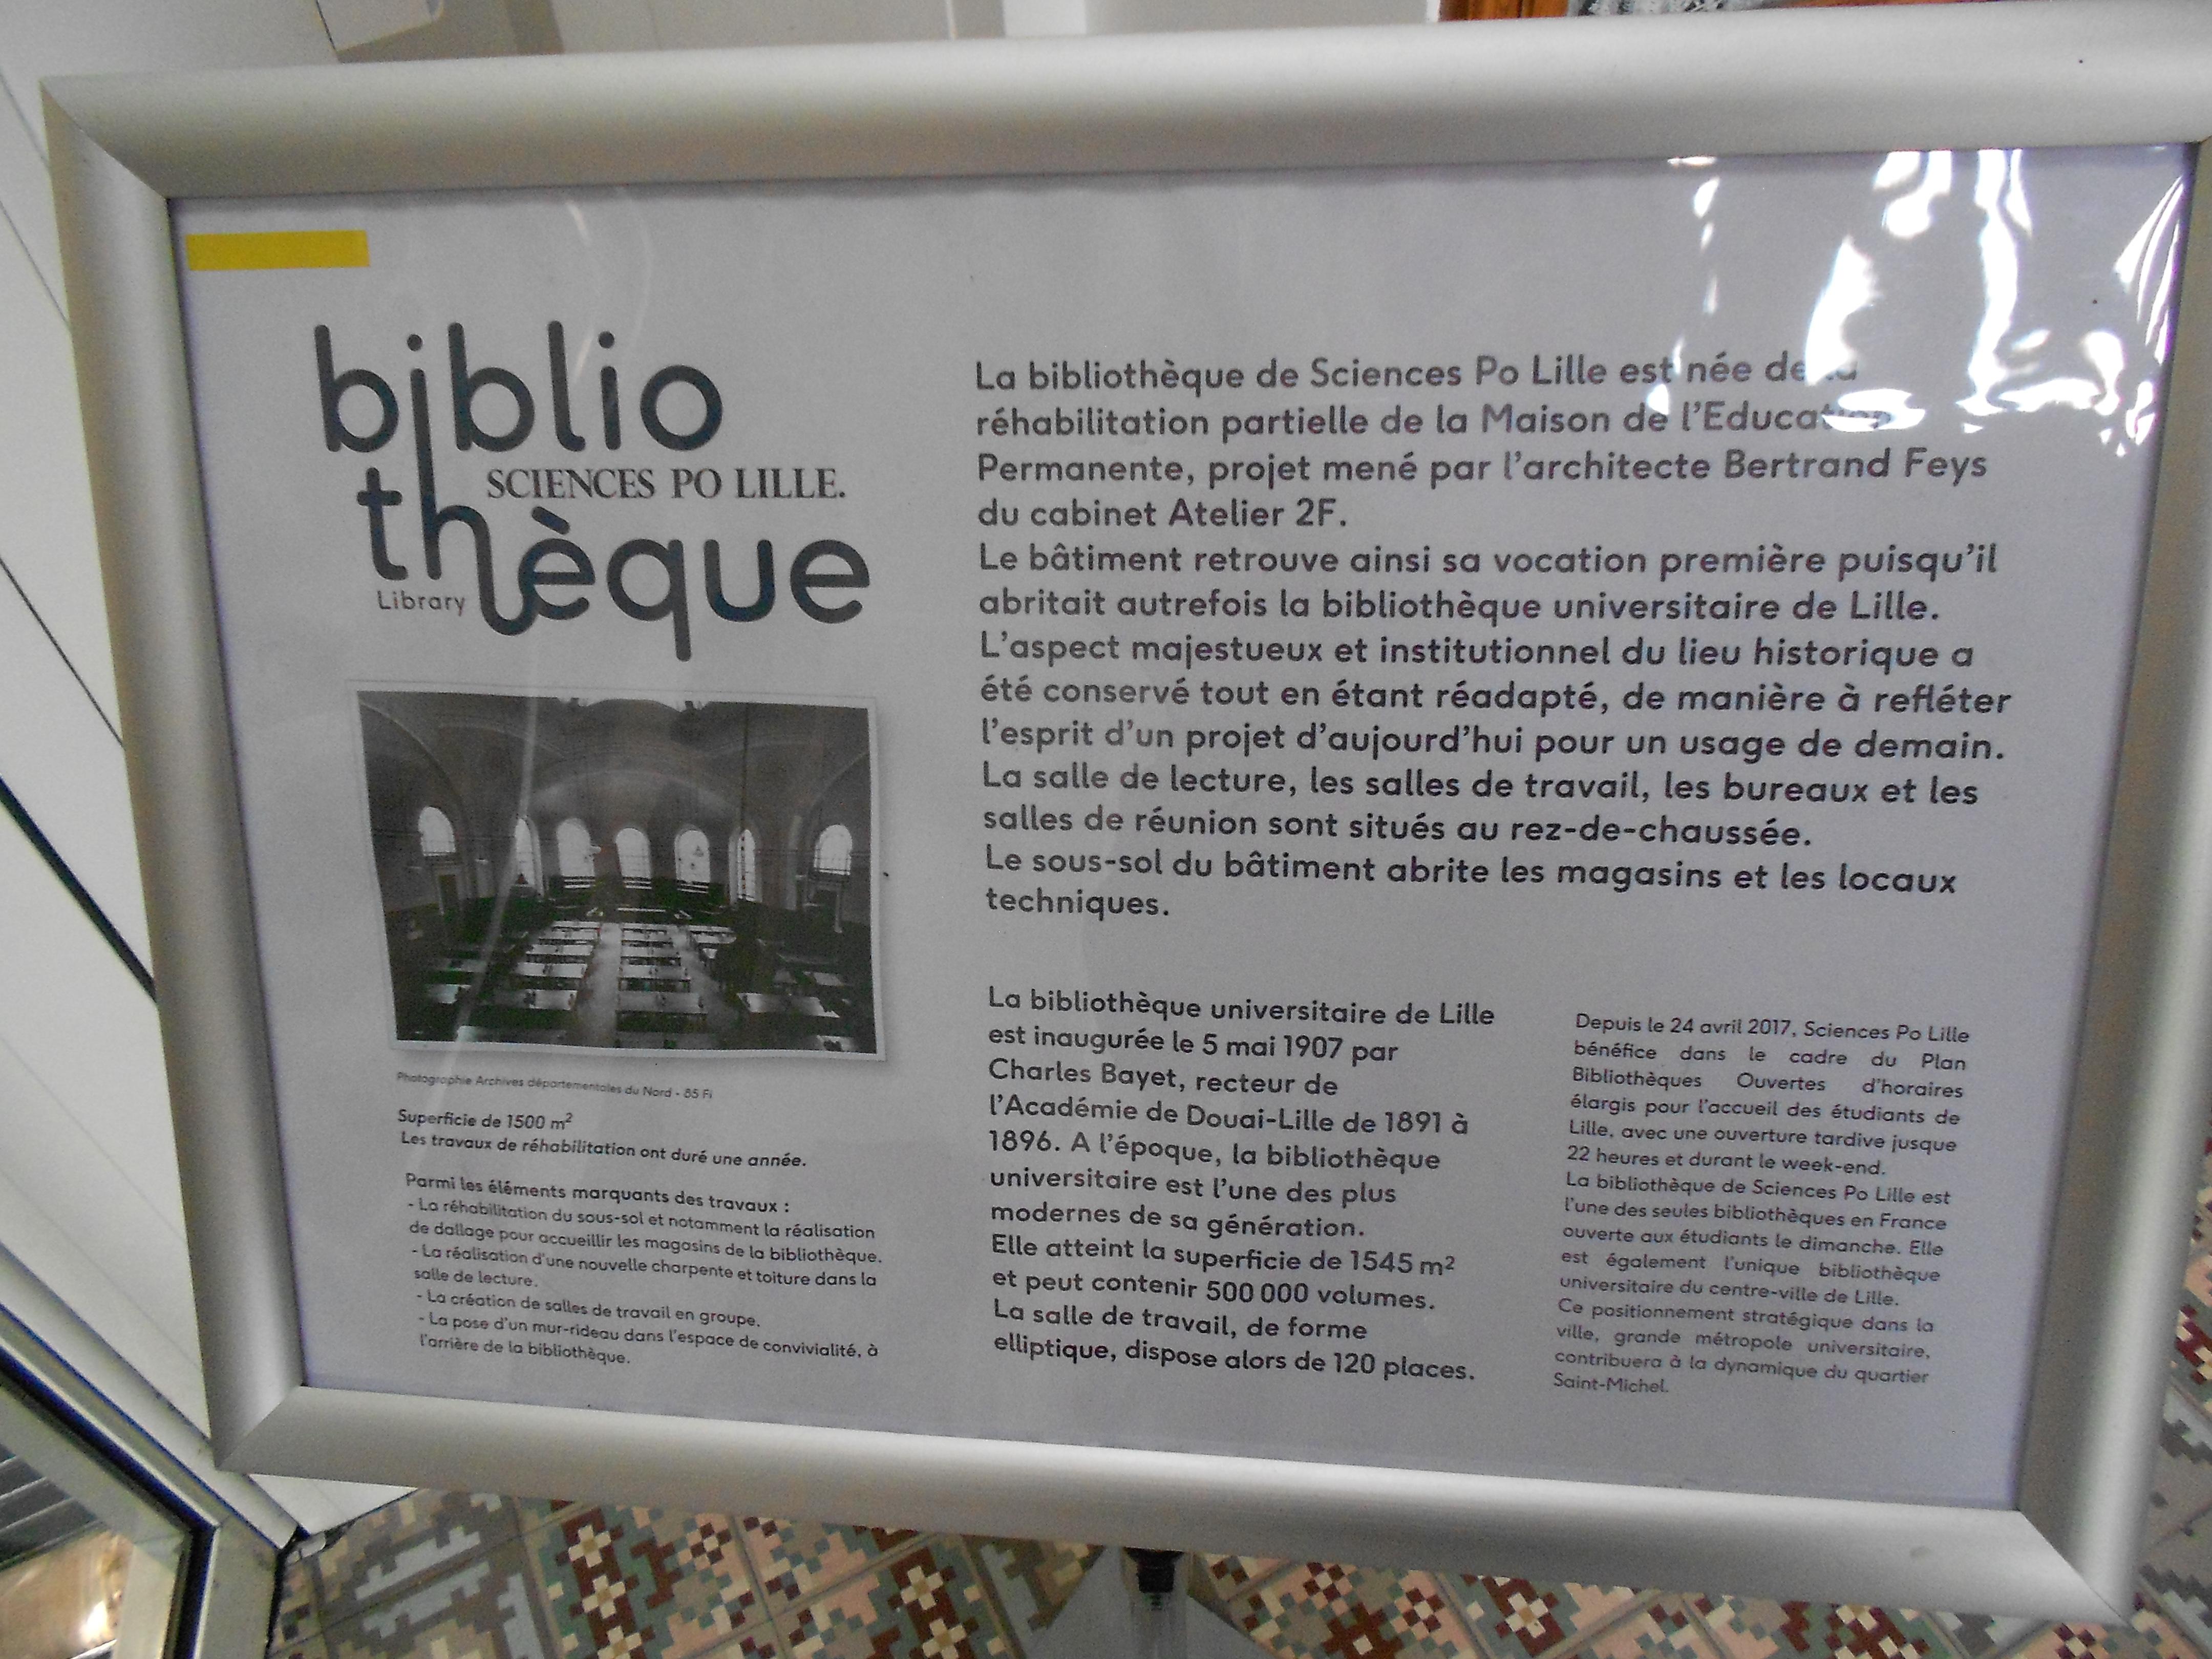 Création De Rideaux Originaux file:2019-10-05 bibliothèque sciences po lillebenoit